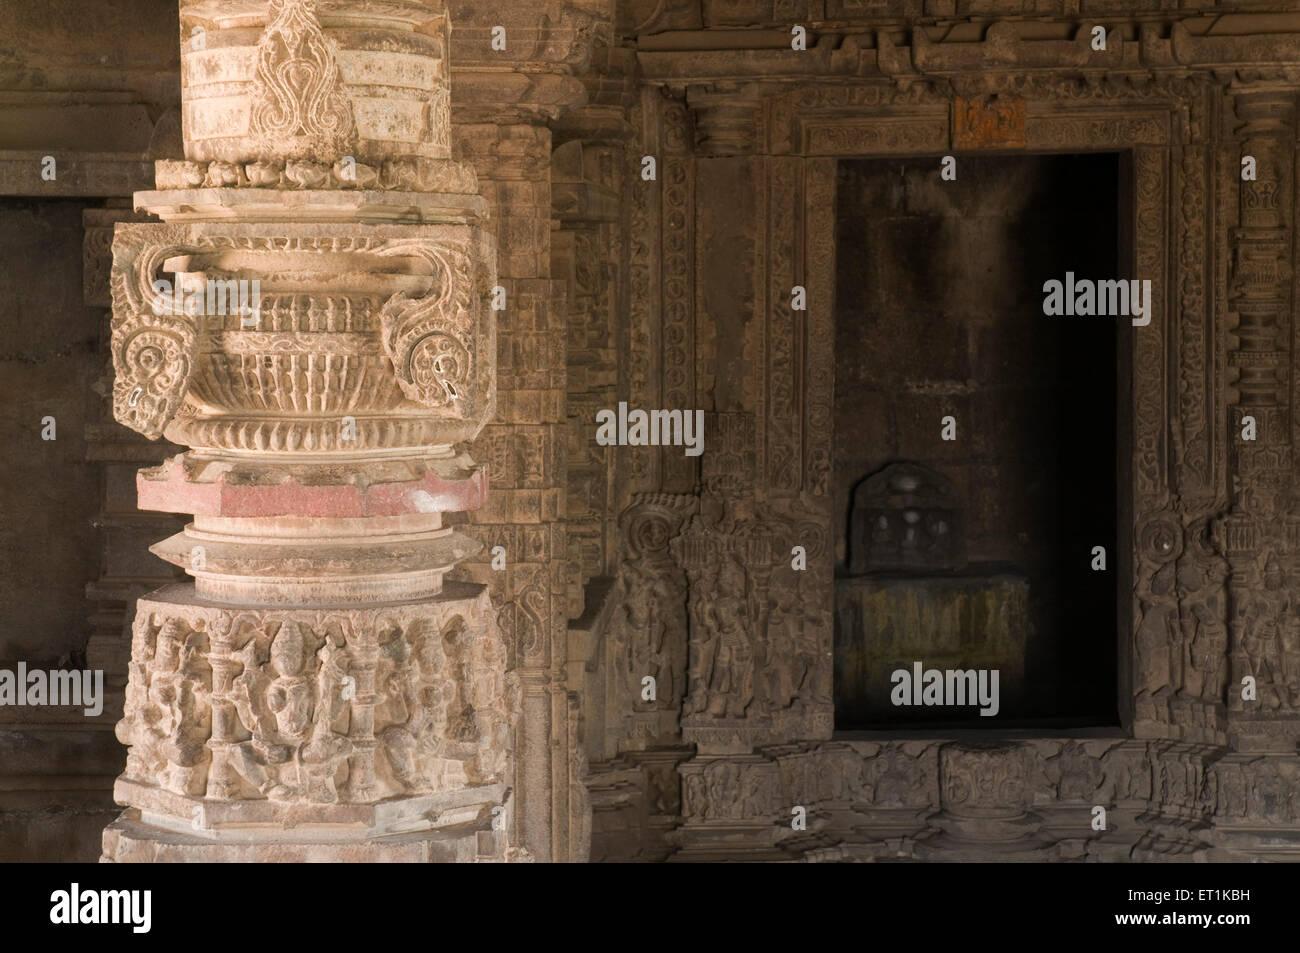 Aufwendigen Schnitzereien an Wänden und Pfeilern Pune Maharashtra Indien Asien Feb 2011 Stockbild